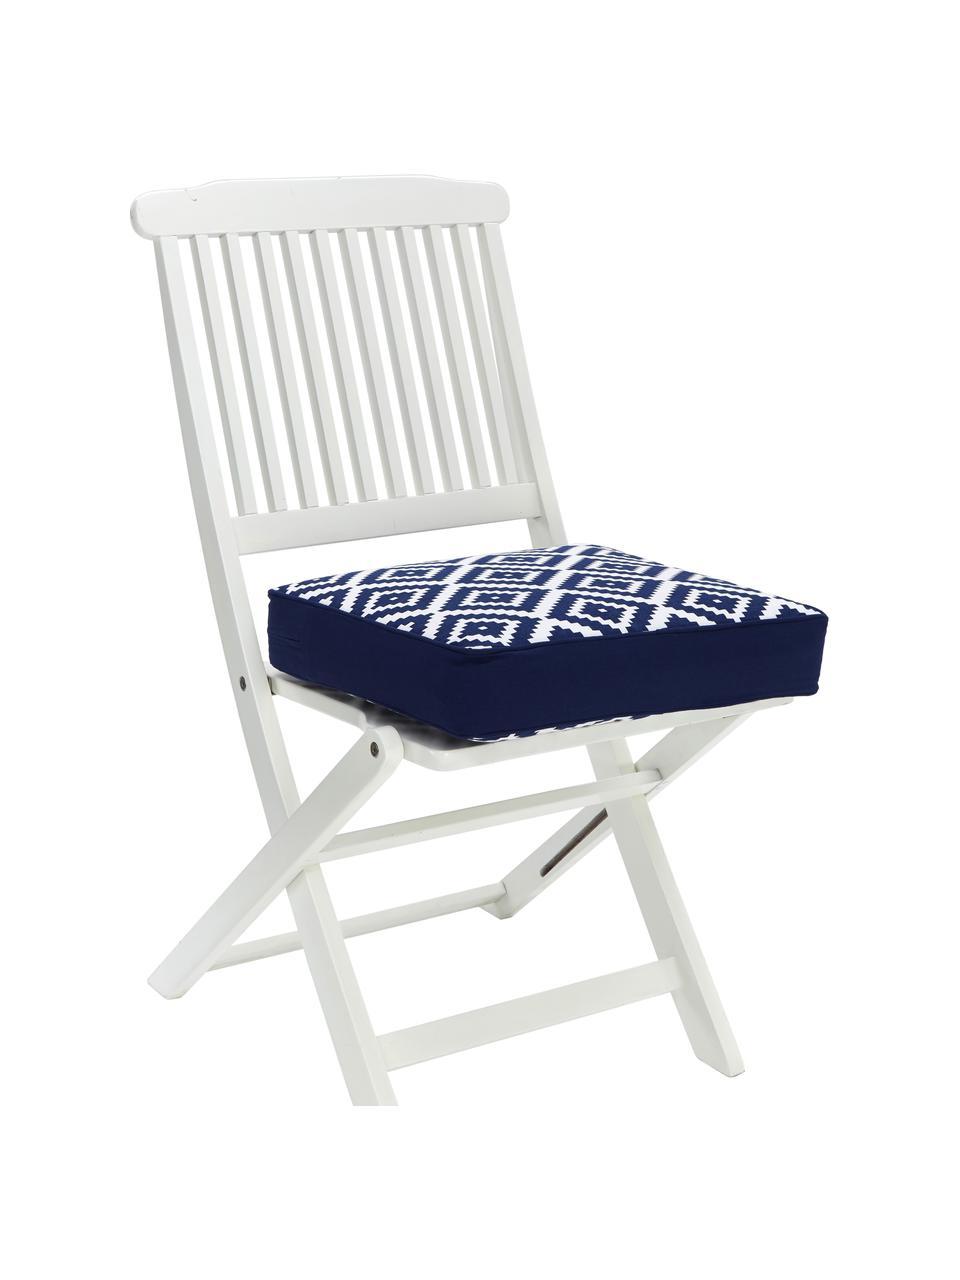 Hohes Sitzkissen Miami in Dunkelblau/Weiß, Bezug: 100% Baumwolle, Blau, 40 x 40 cm